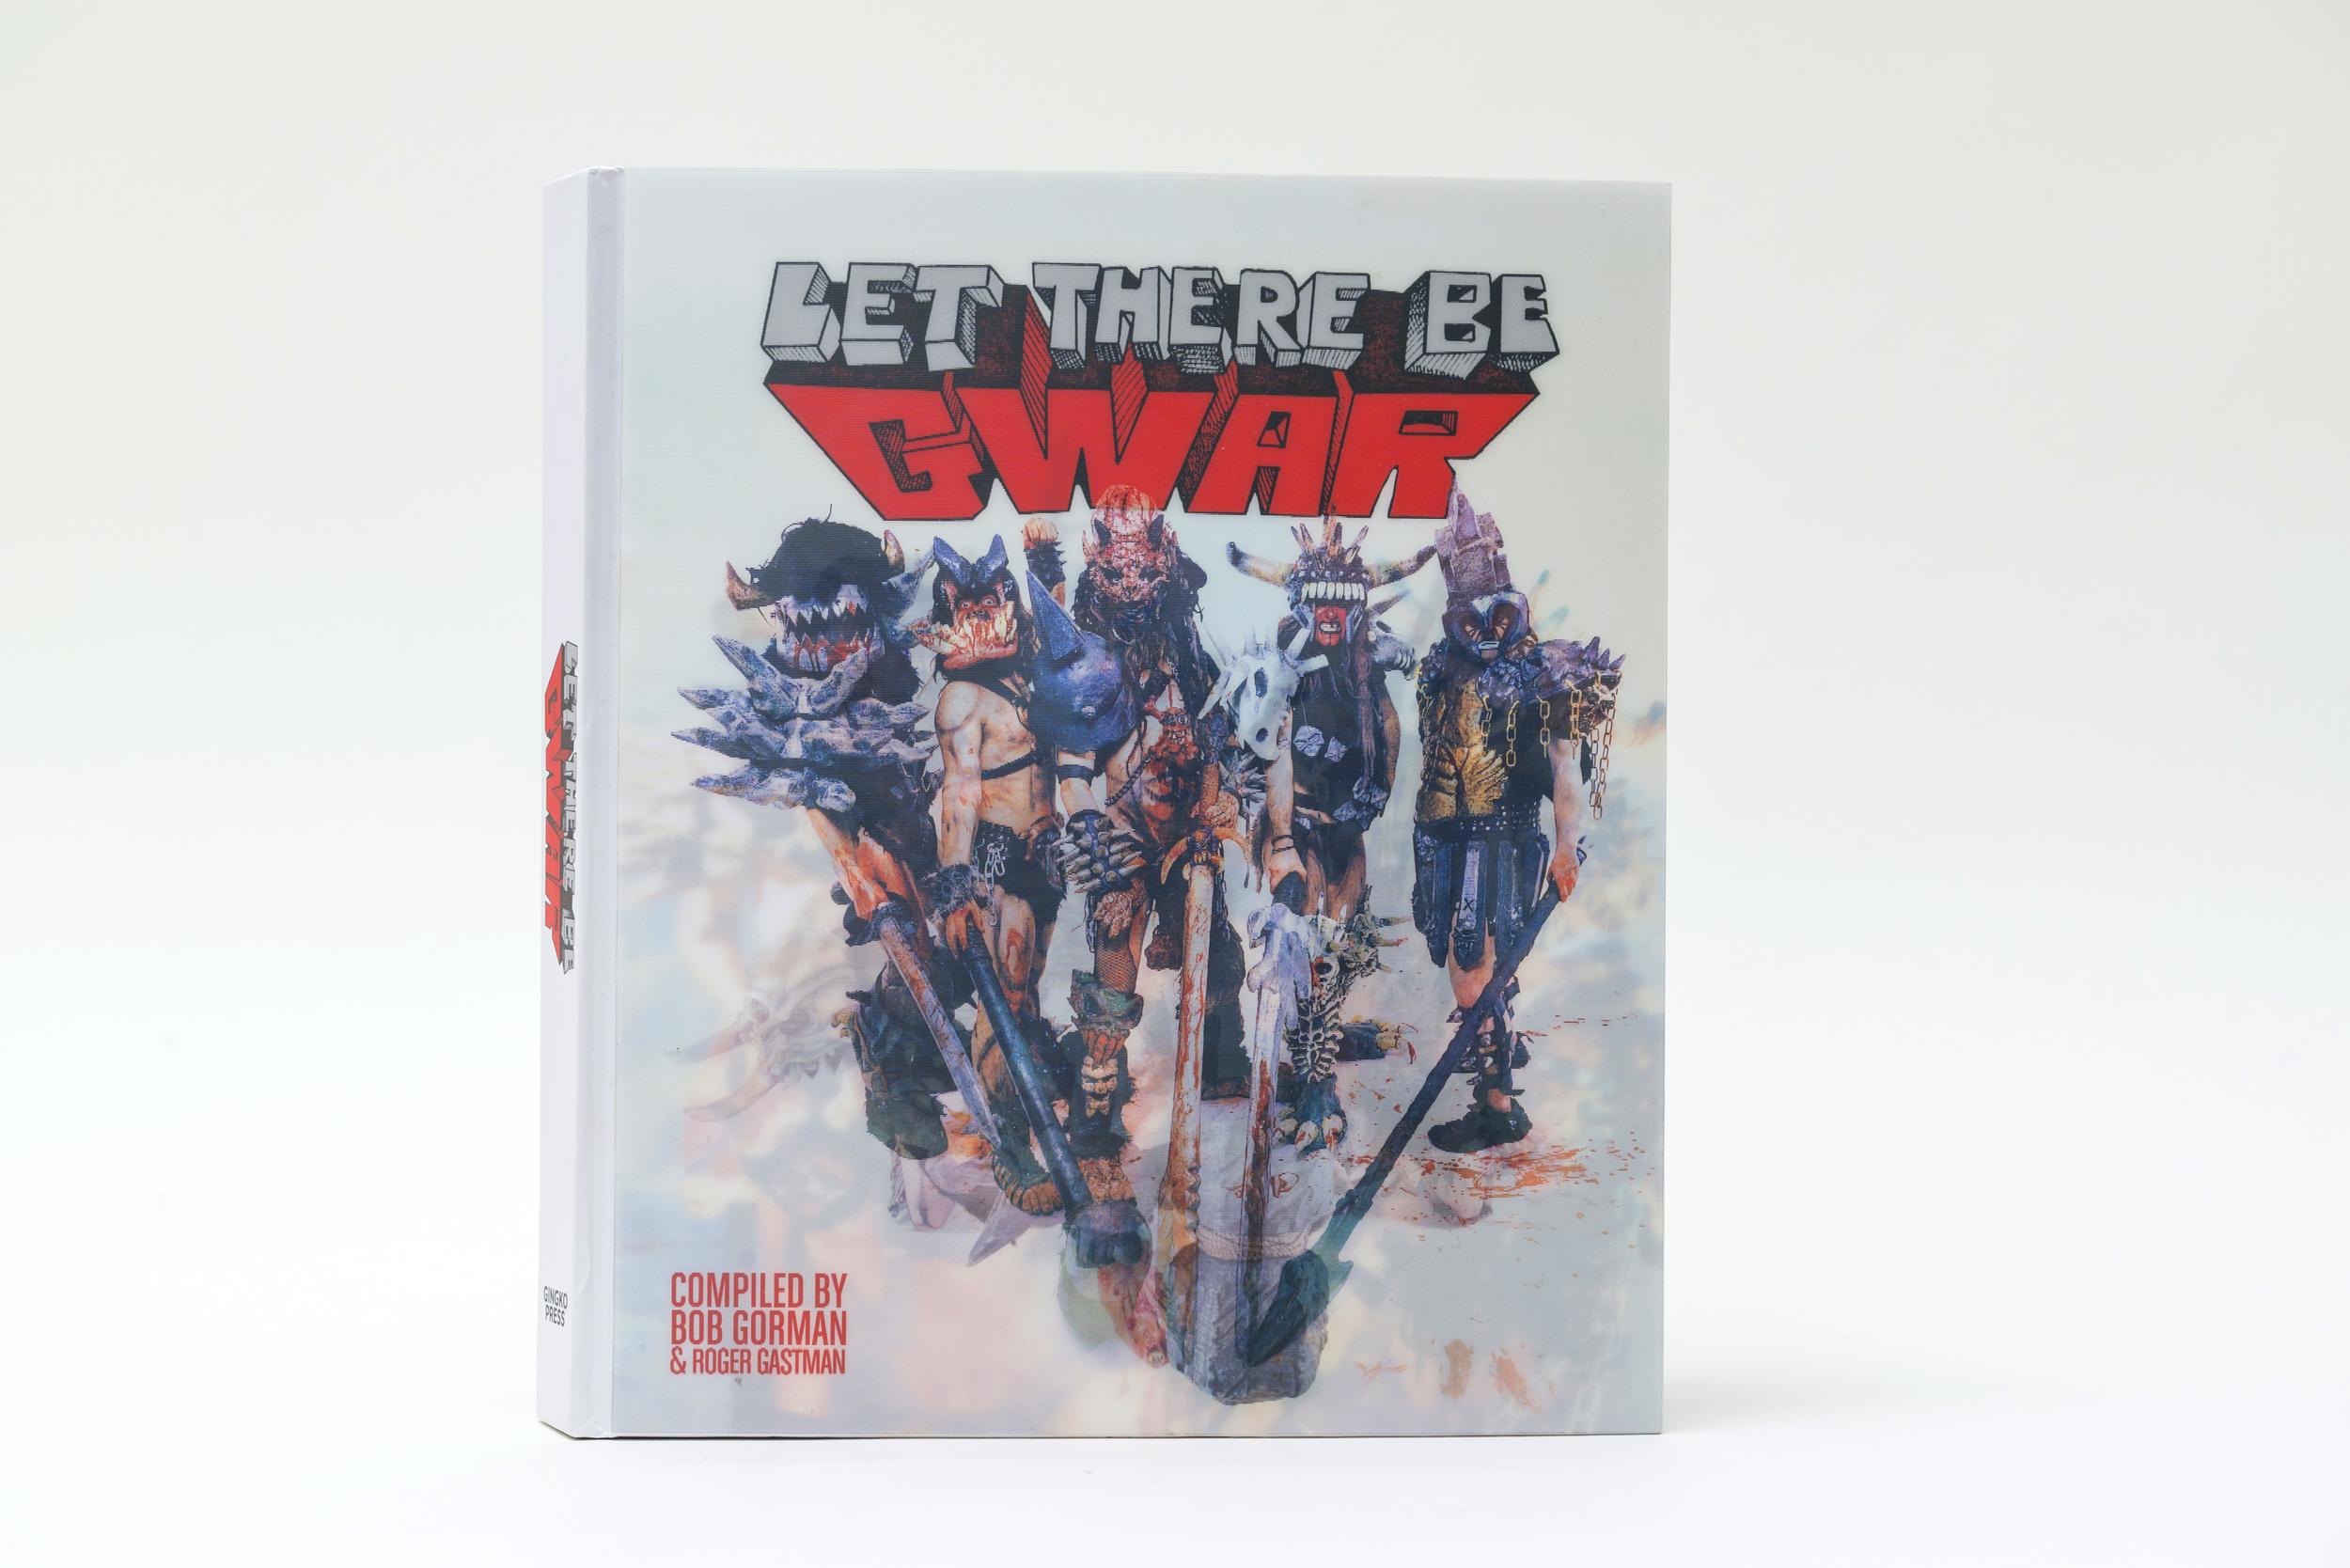 GWAR book cover